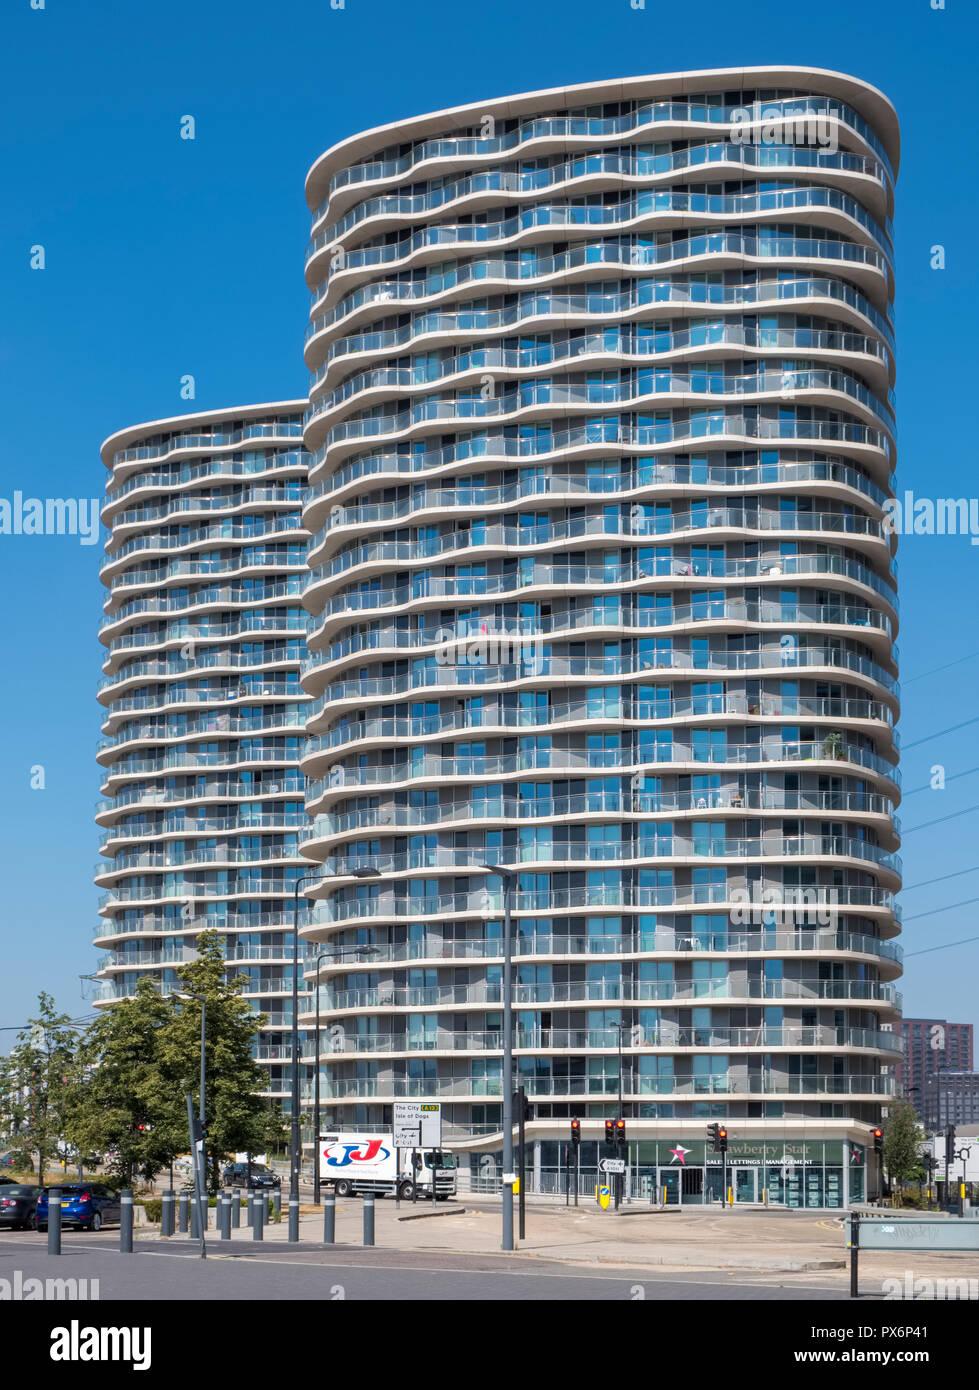 Des tours d'habitation au Royal Victoria Dock, London, England, UK, l'architecture moderne Photo Stock